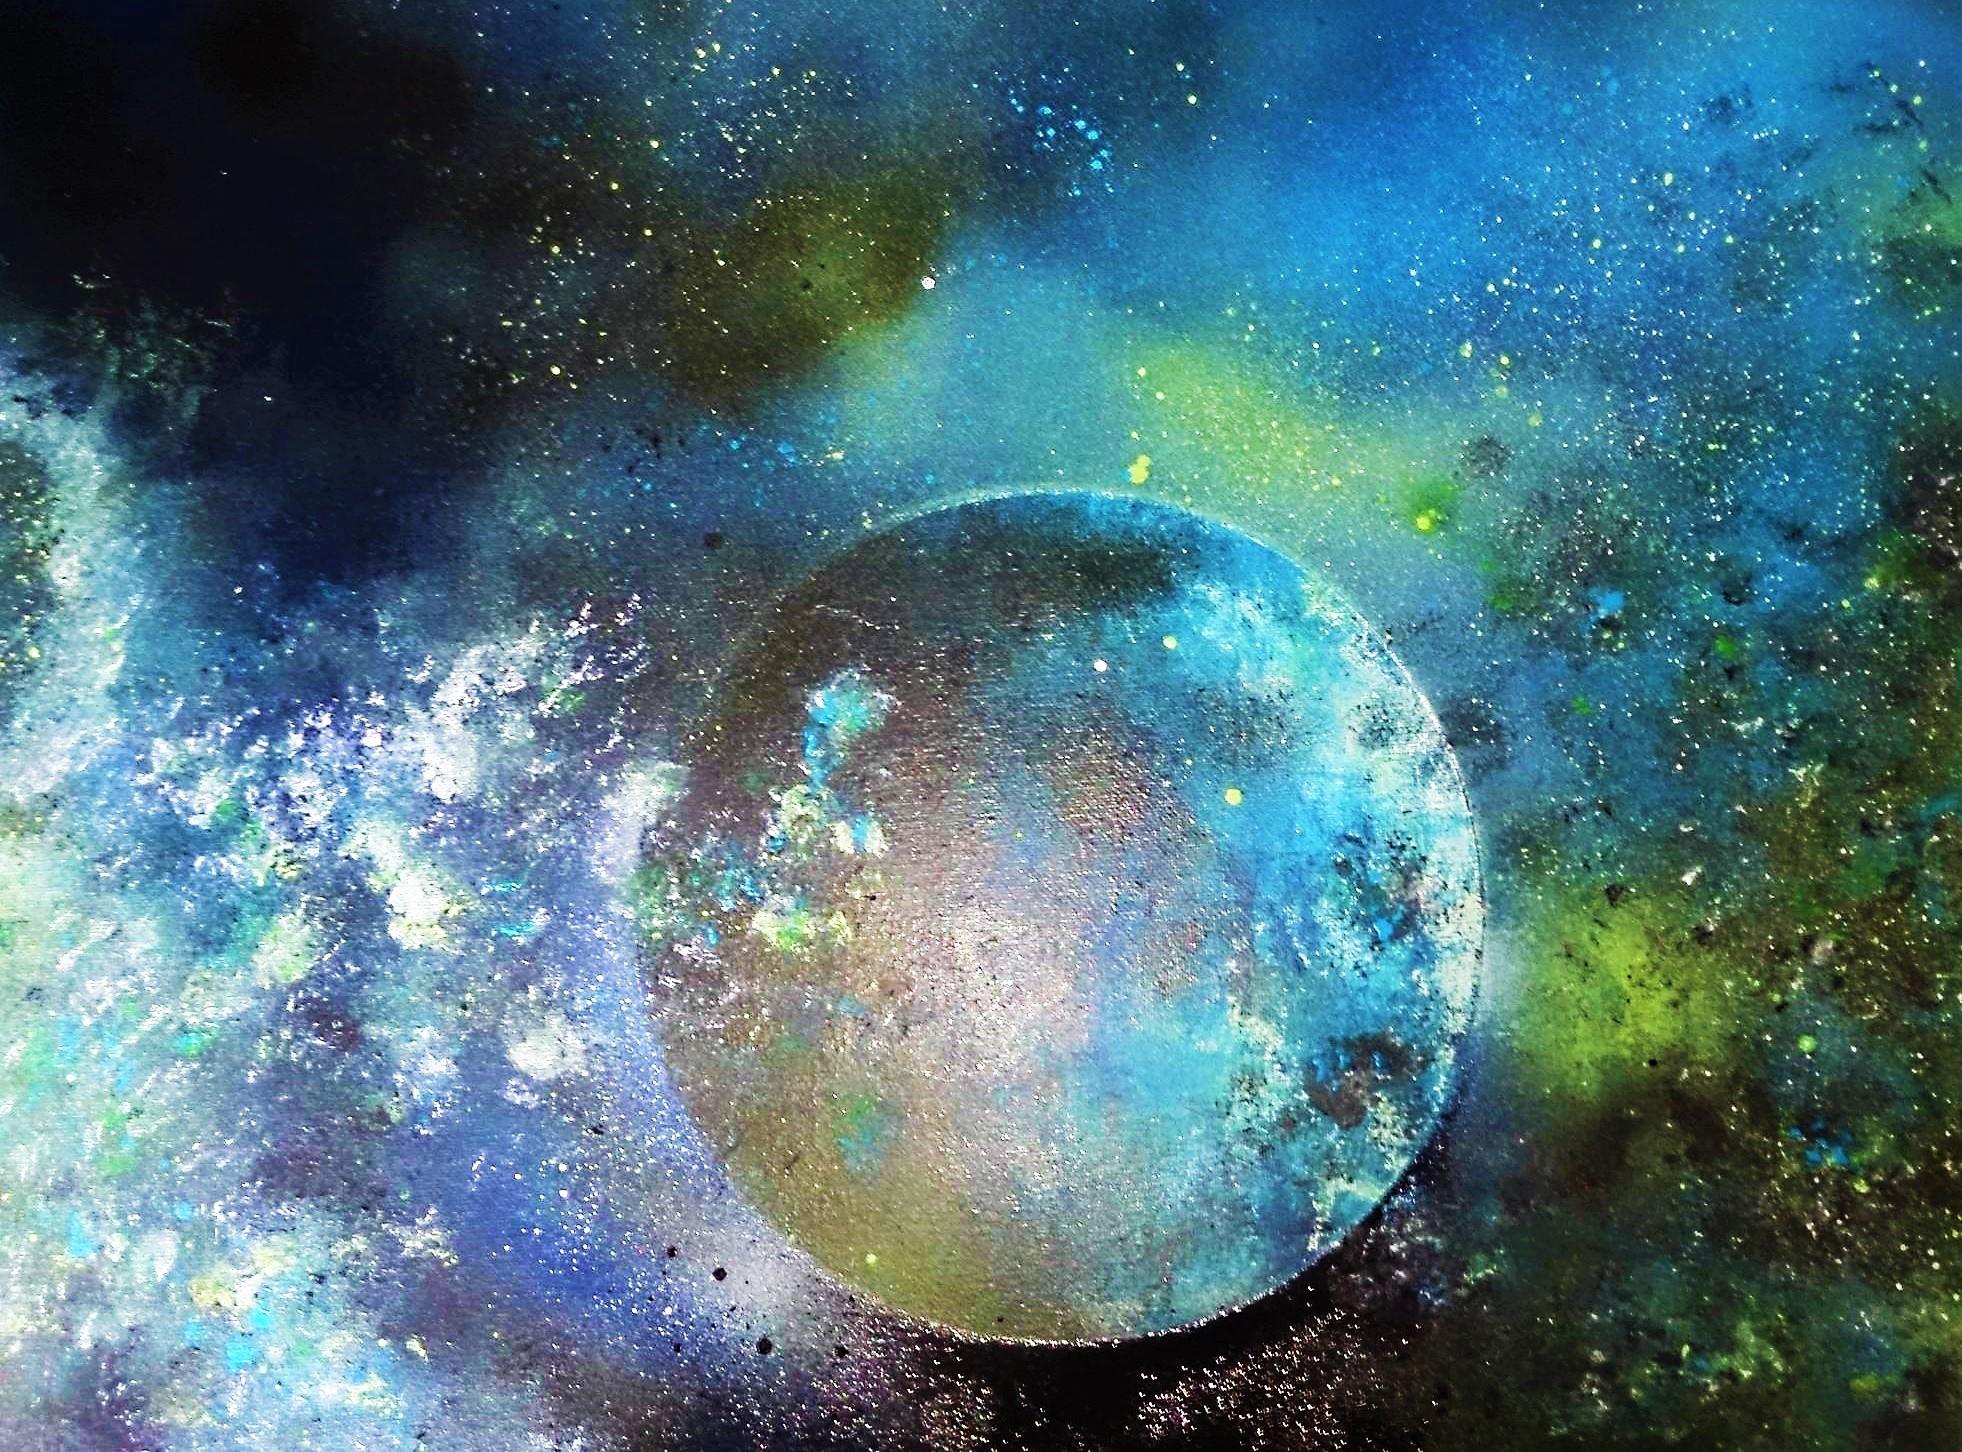 Pluie d'astéroïdes sur la Terre II